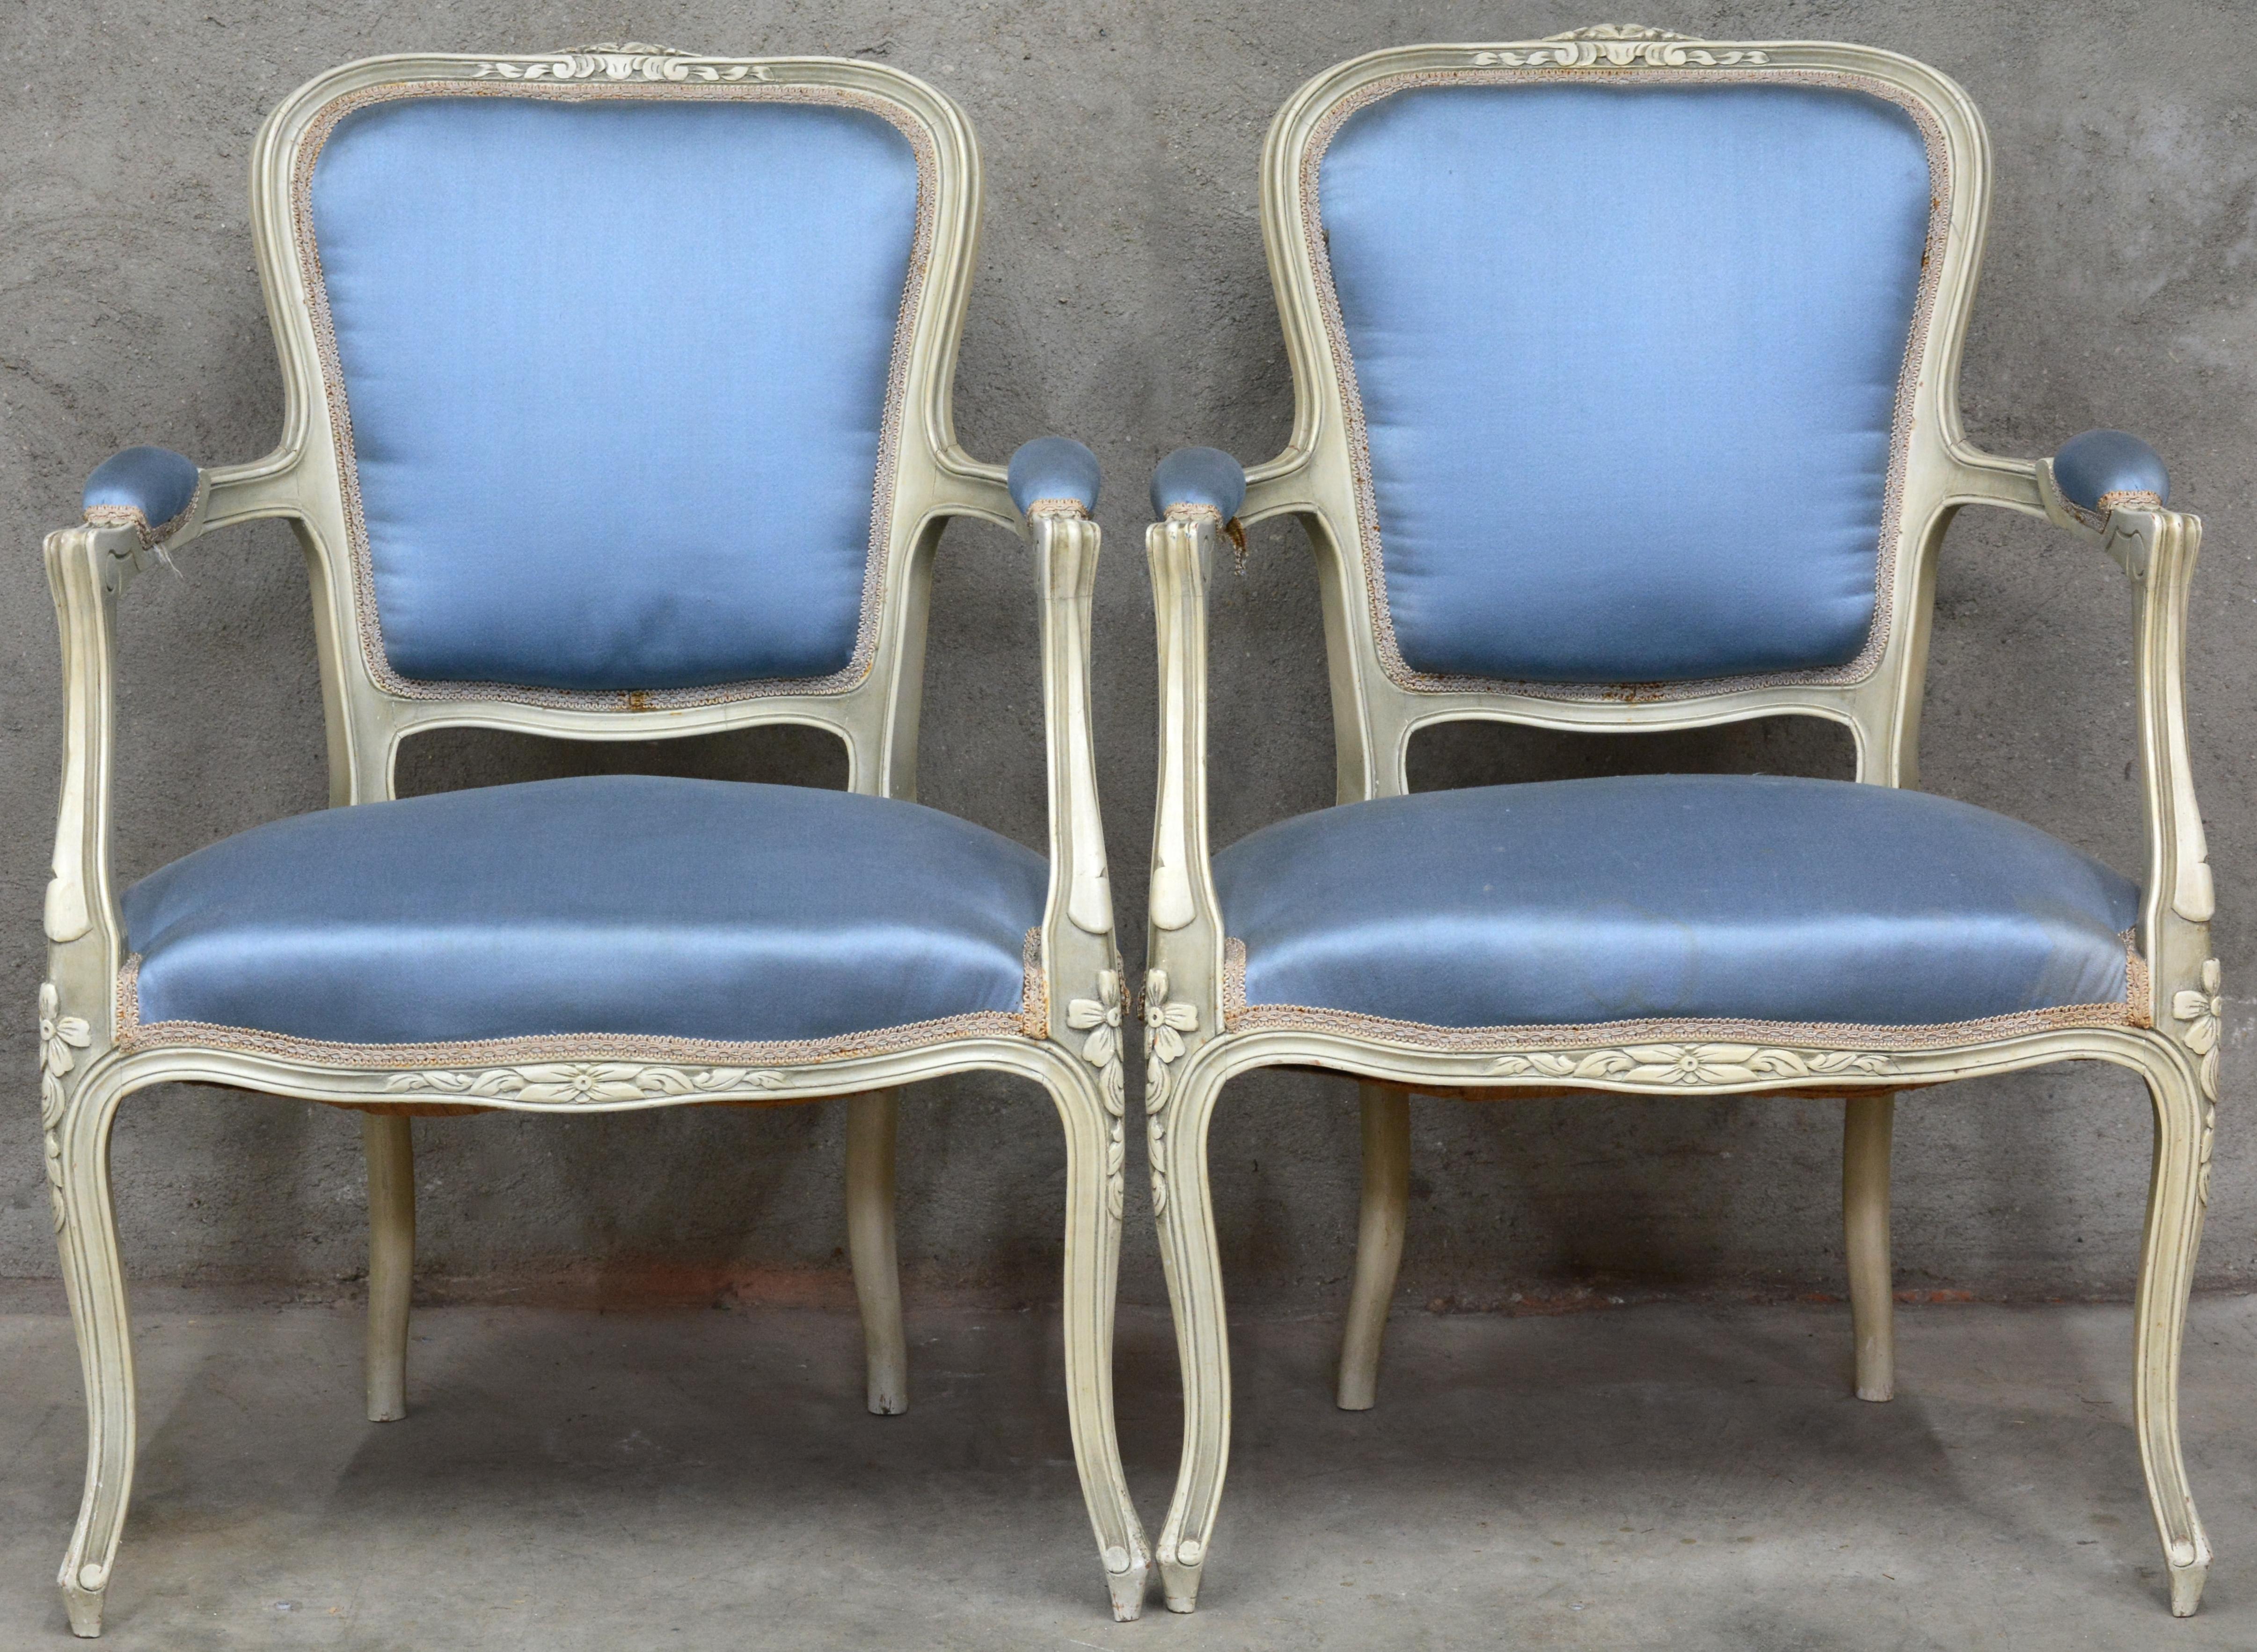 Een paar fauteuils en cabriolet in lodewijk xv stijl van witgepatineerd hout met blauwe - Garderobe stijl van lodewijk xv ...